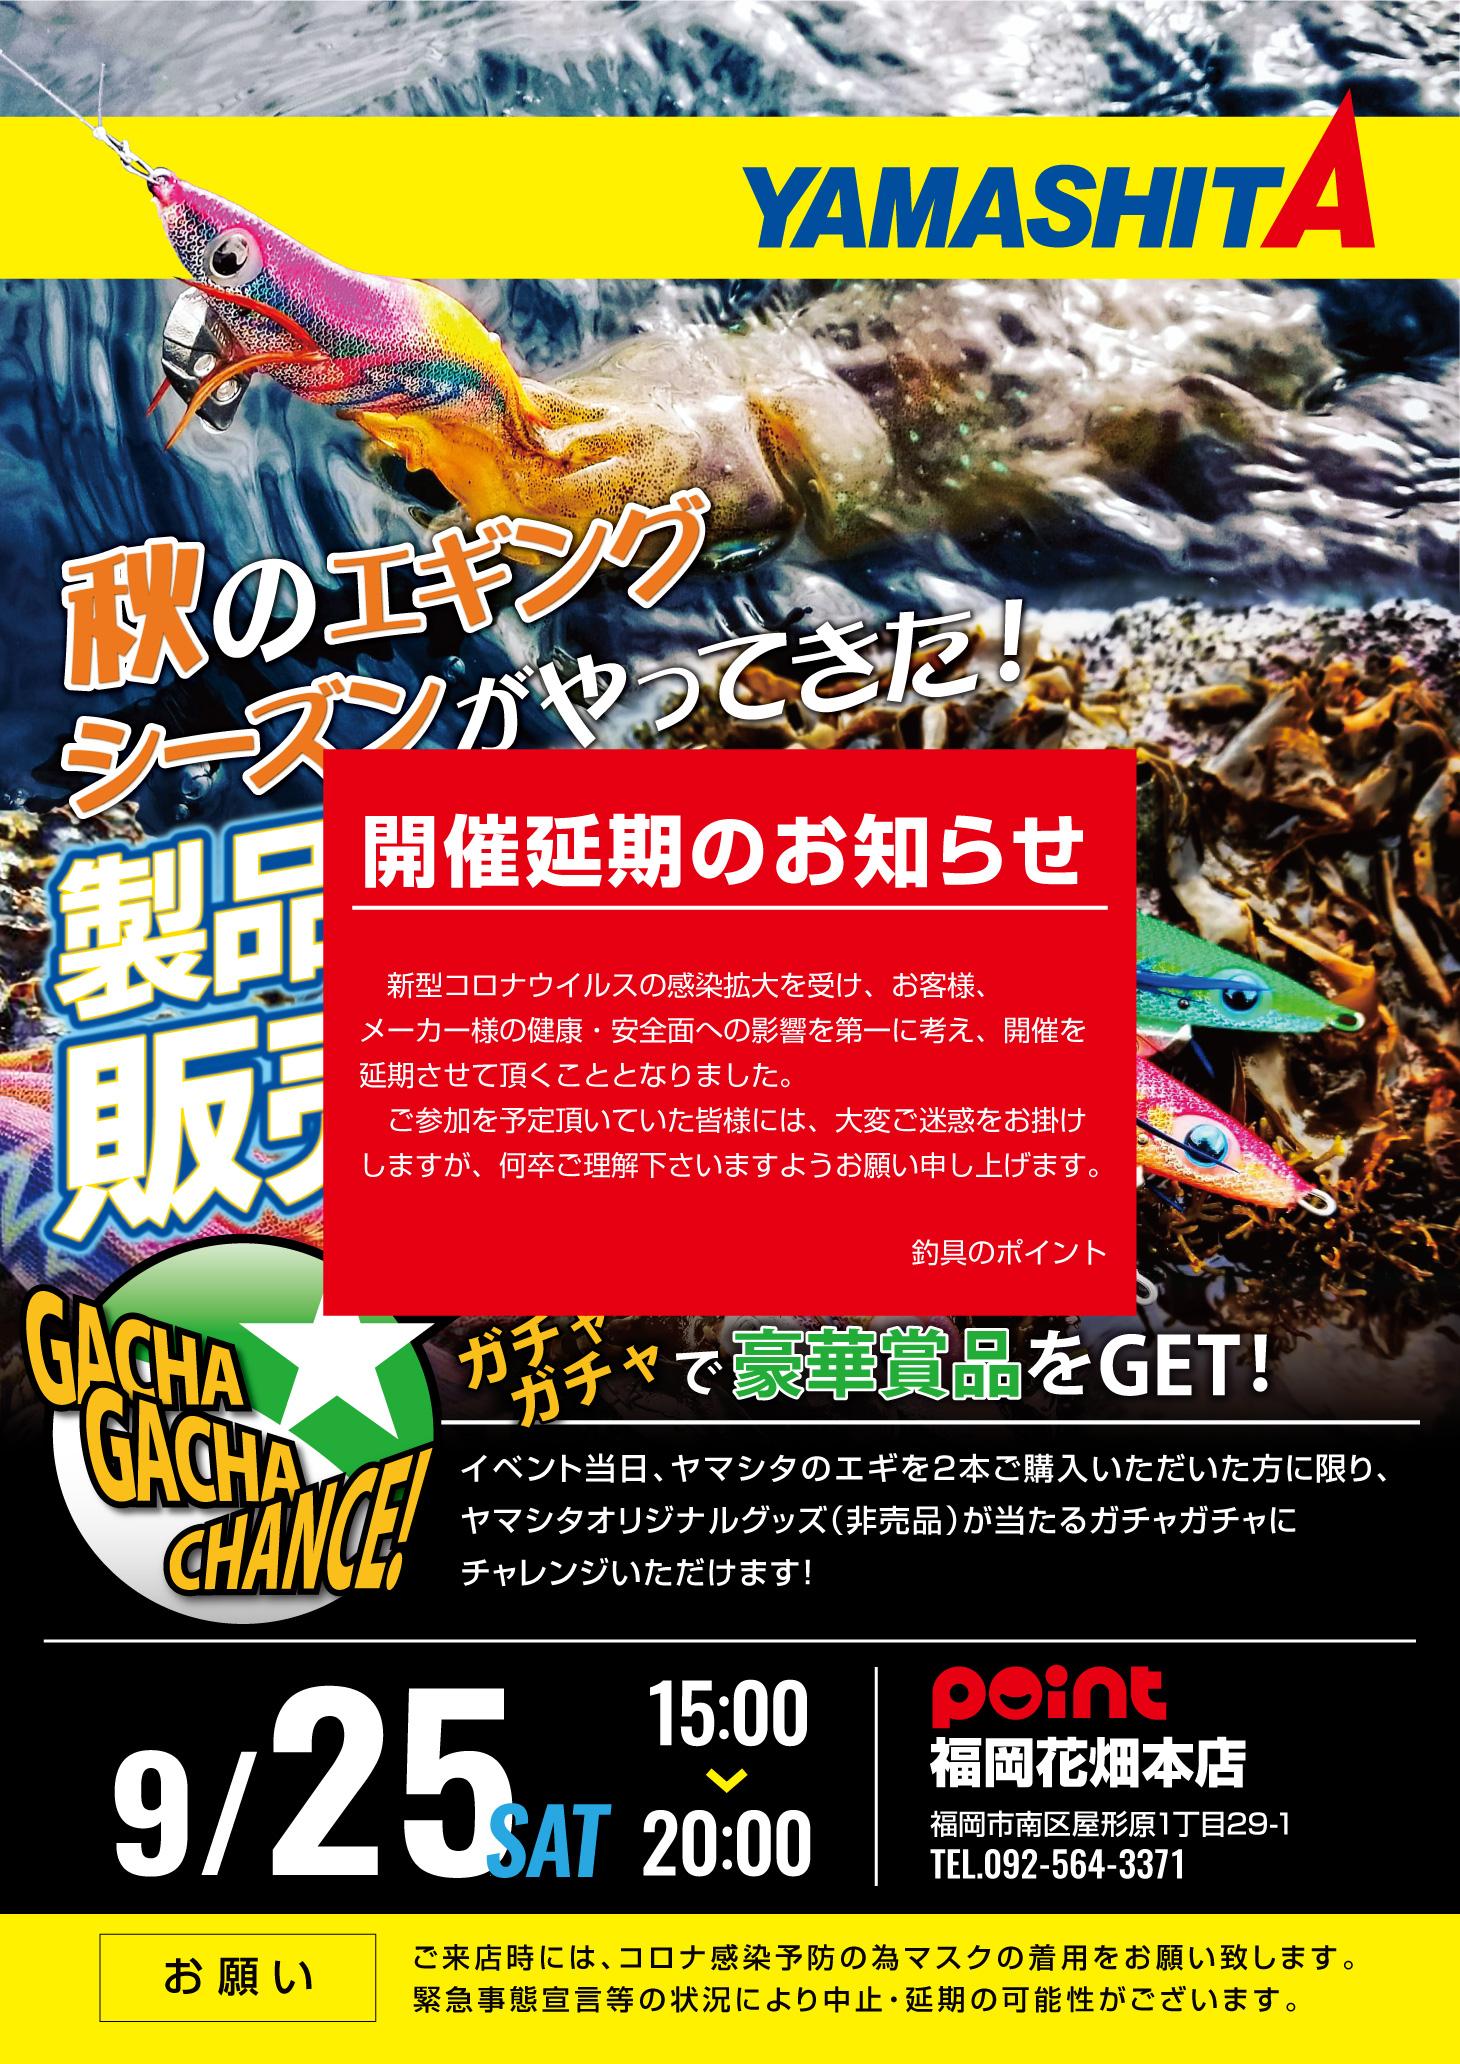 【開催延期】yamashita秋の製品展示販売会 花畑 1